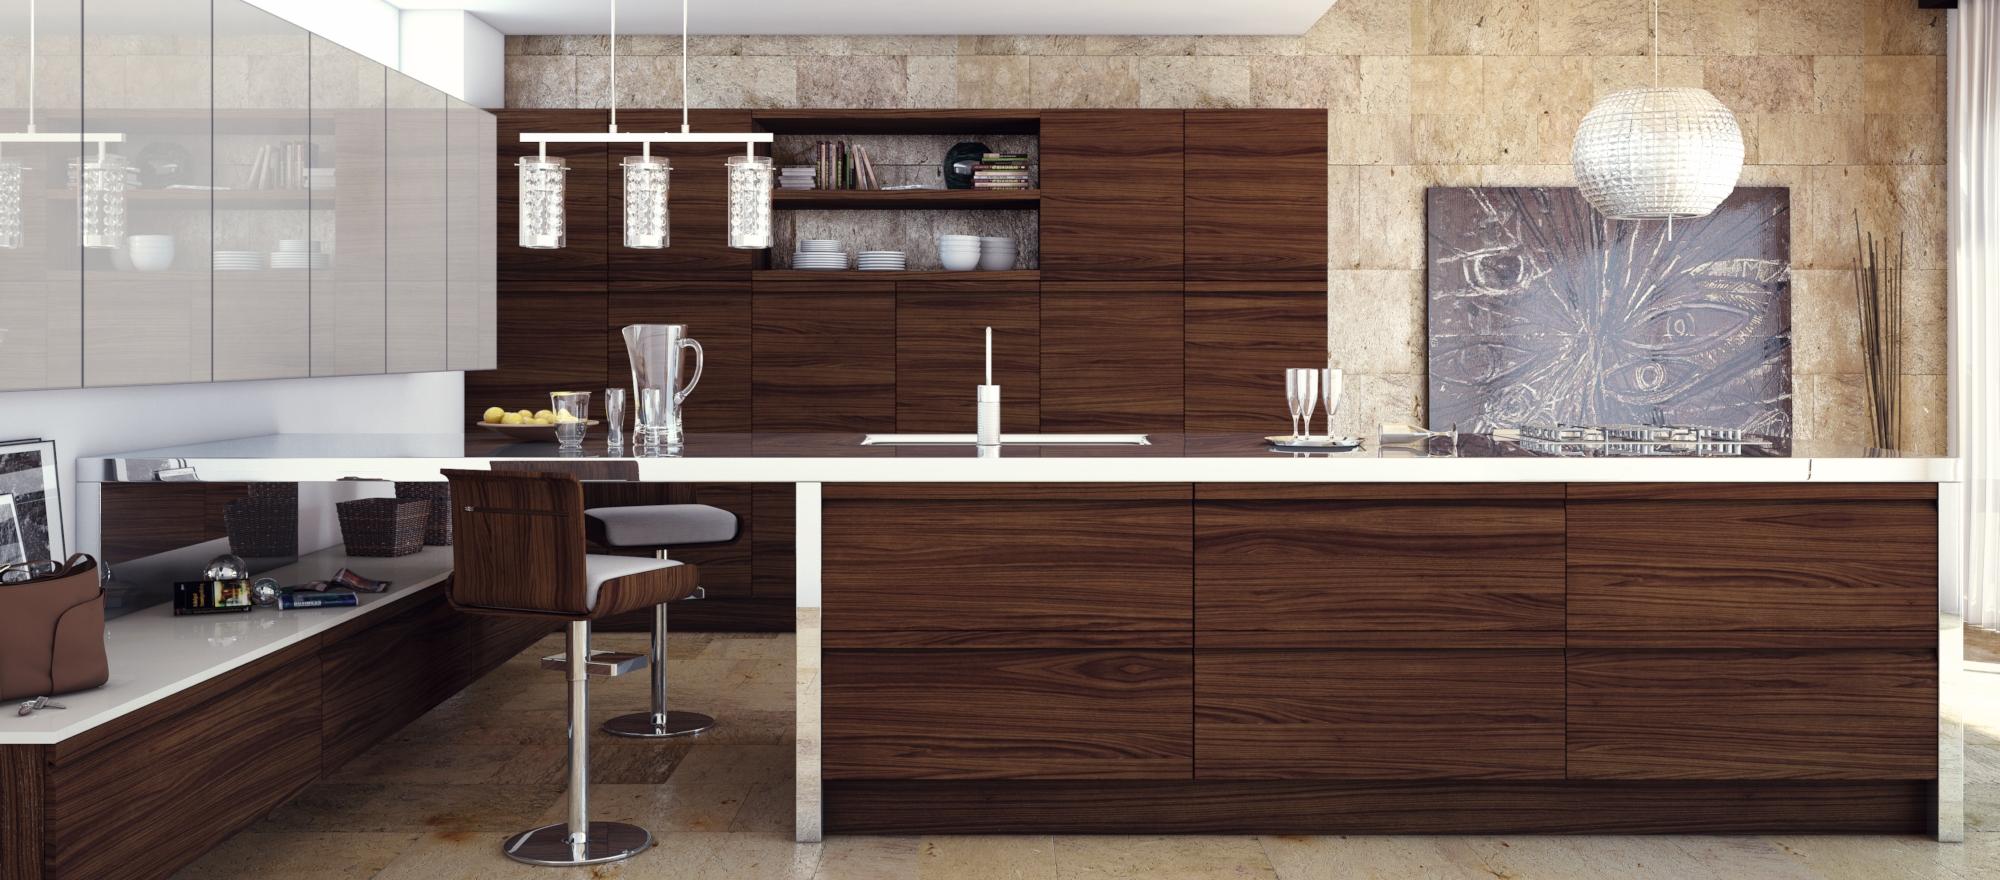 Urpime fabricante de muebles de cocina - Ver cocinas montadas ...